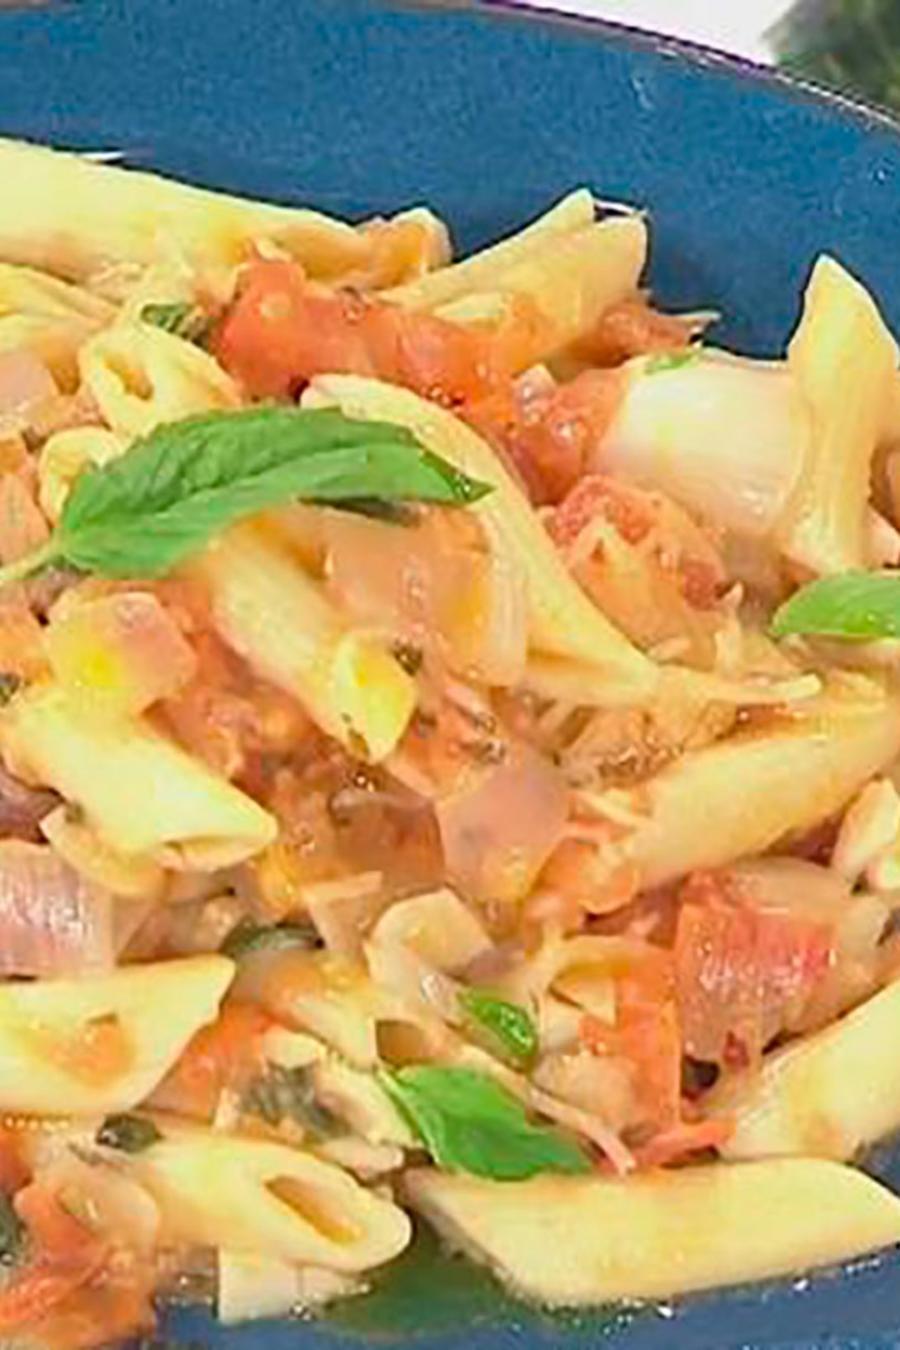 Recetas de cocina: Descubre cómo puedes hacer pasta con salsa Pomodoro y salsa Alfredo